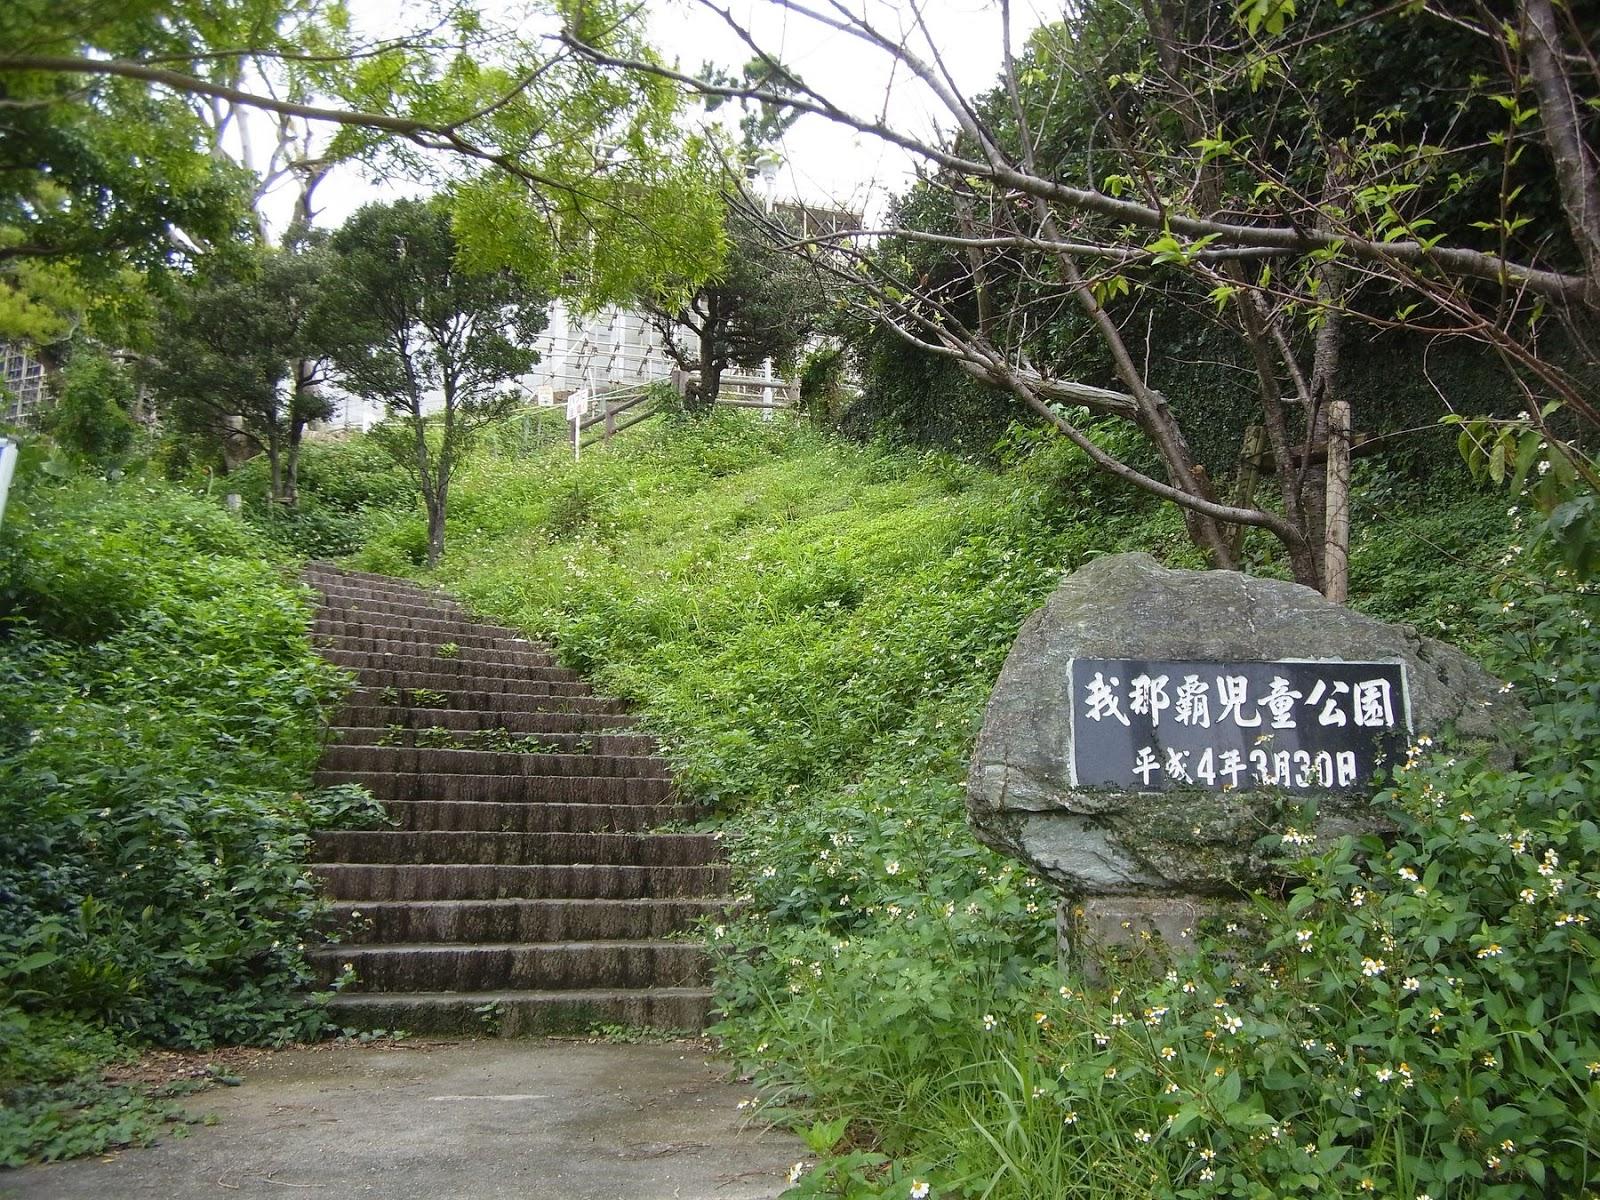 我那覇児童公園(沖縄県豊見城市)